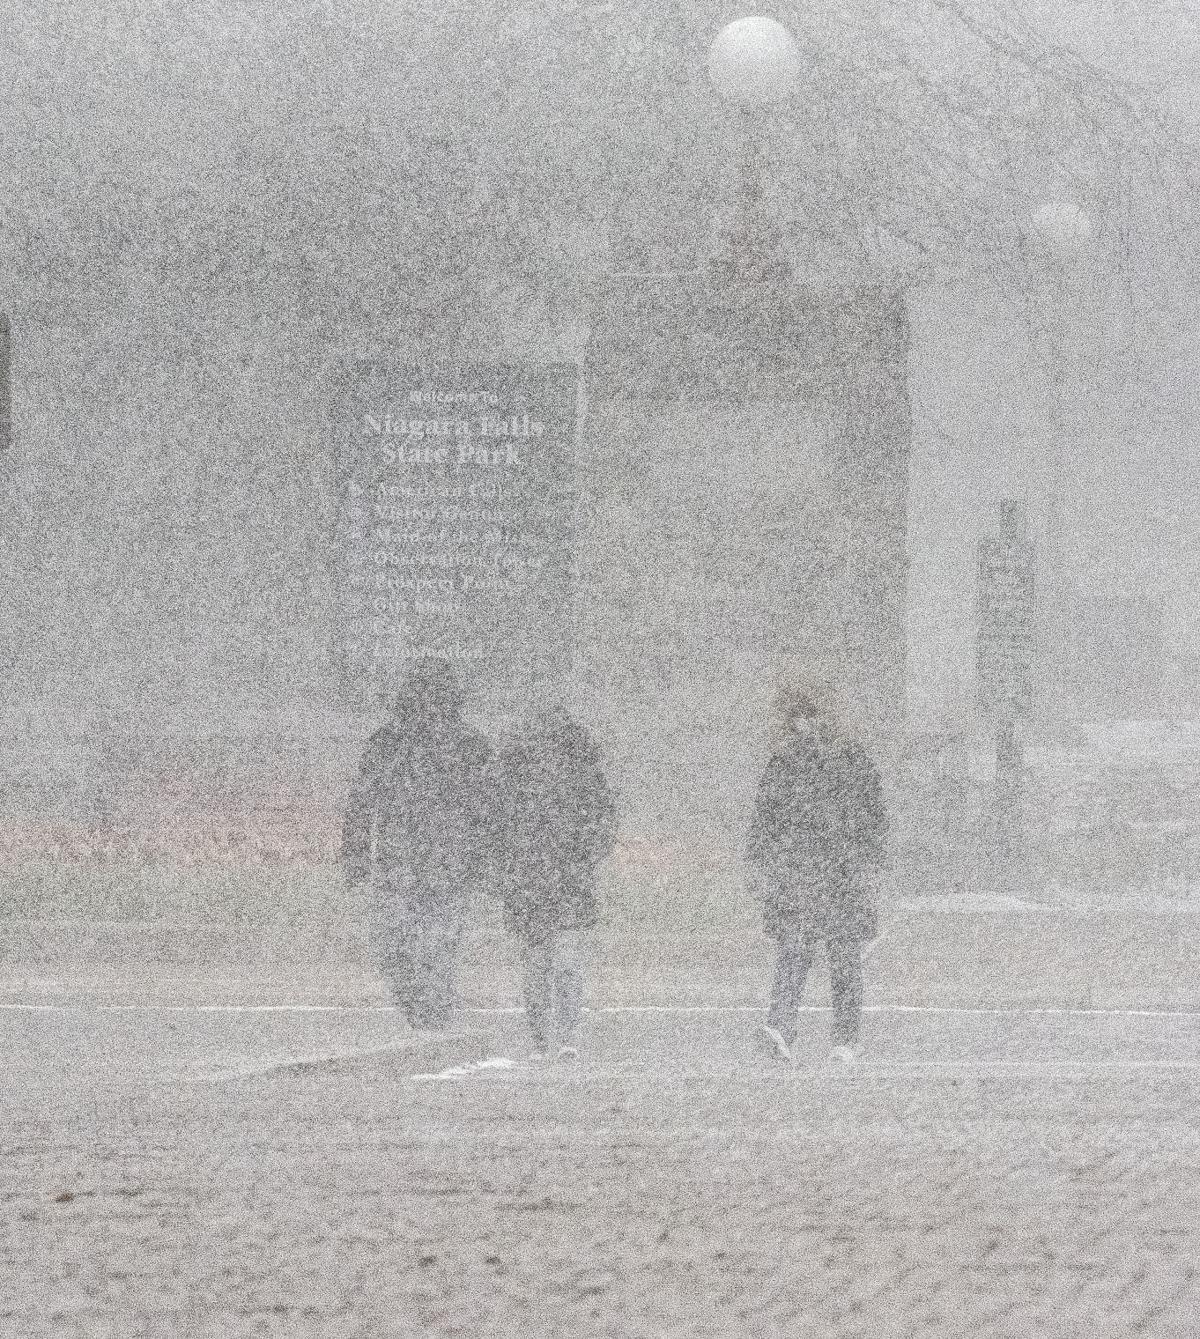 200509 May Snow 1.jpg